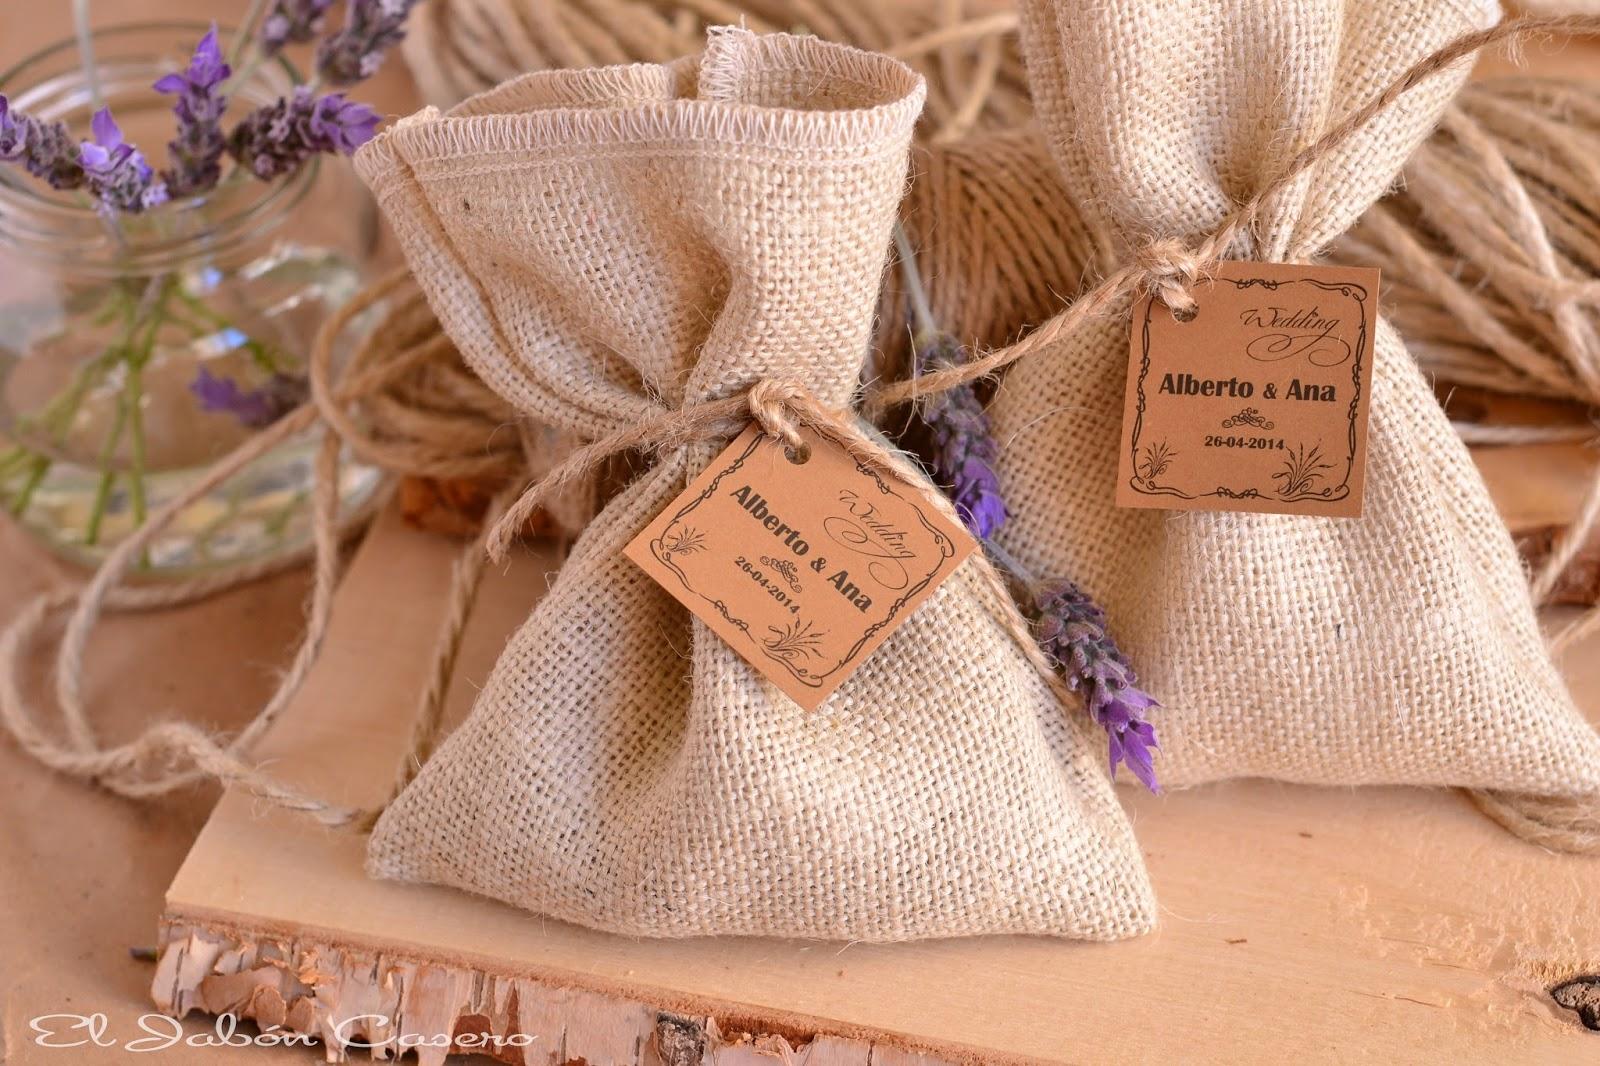 Bolsitas aromaticas para detalles de boda